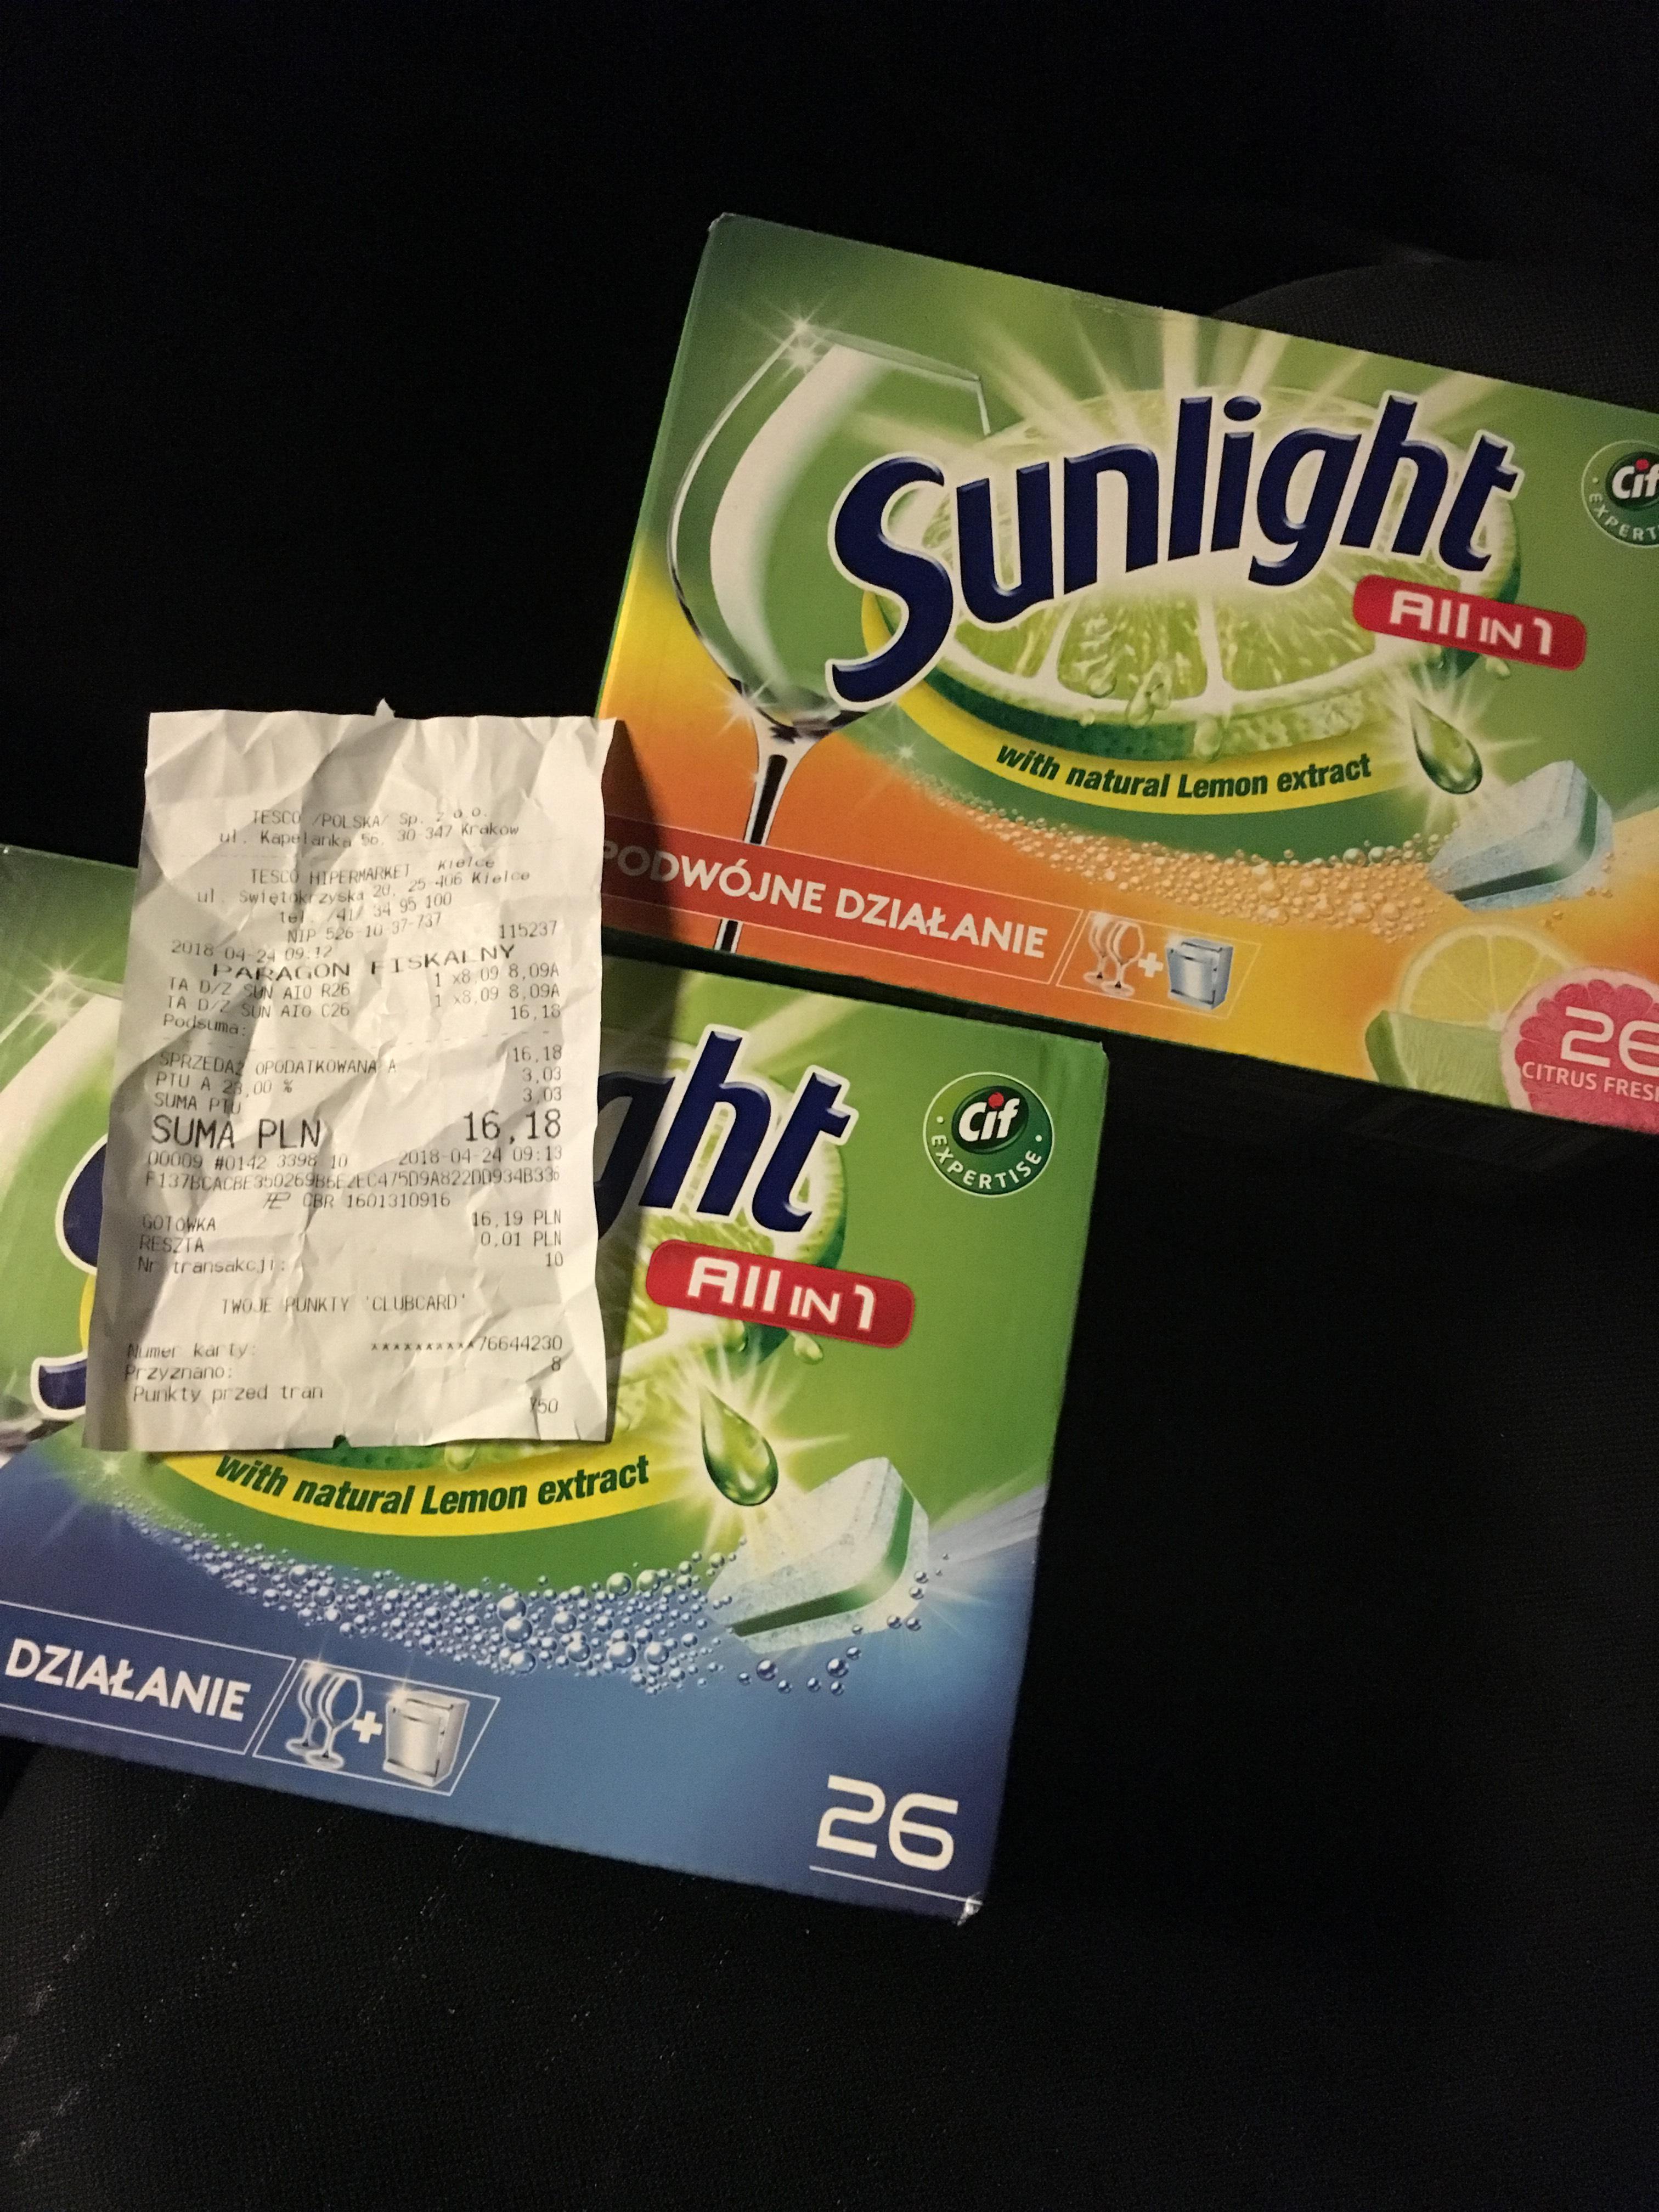 Sunlight 26szt - tabletki do zmywarki 0.31zl/szt